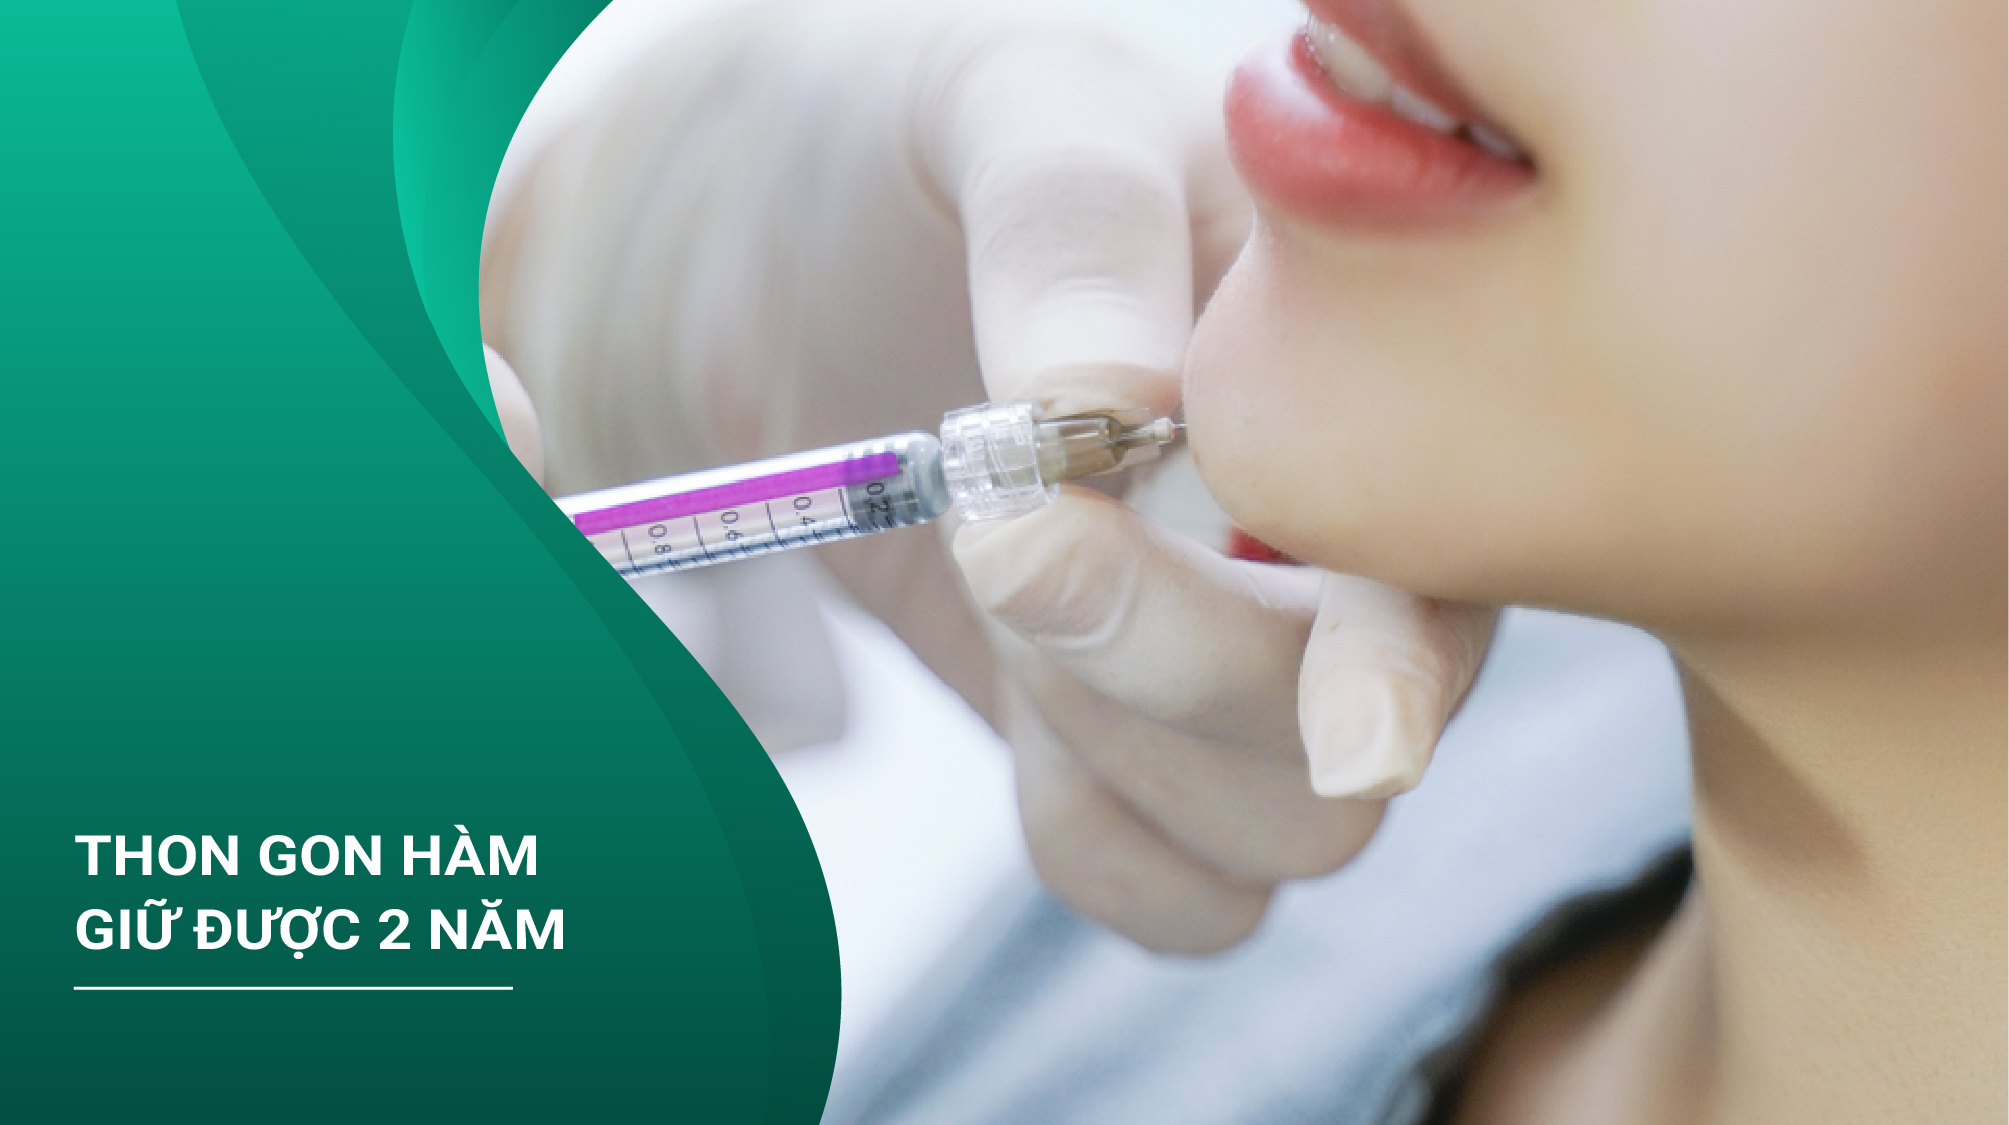 Tiêm Botox Thon Gọn Hàm Giữ Được 2 Năm